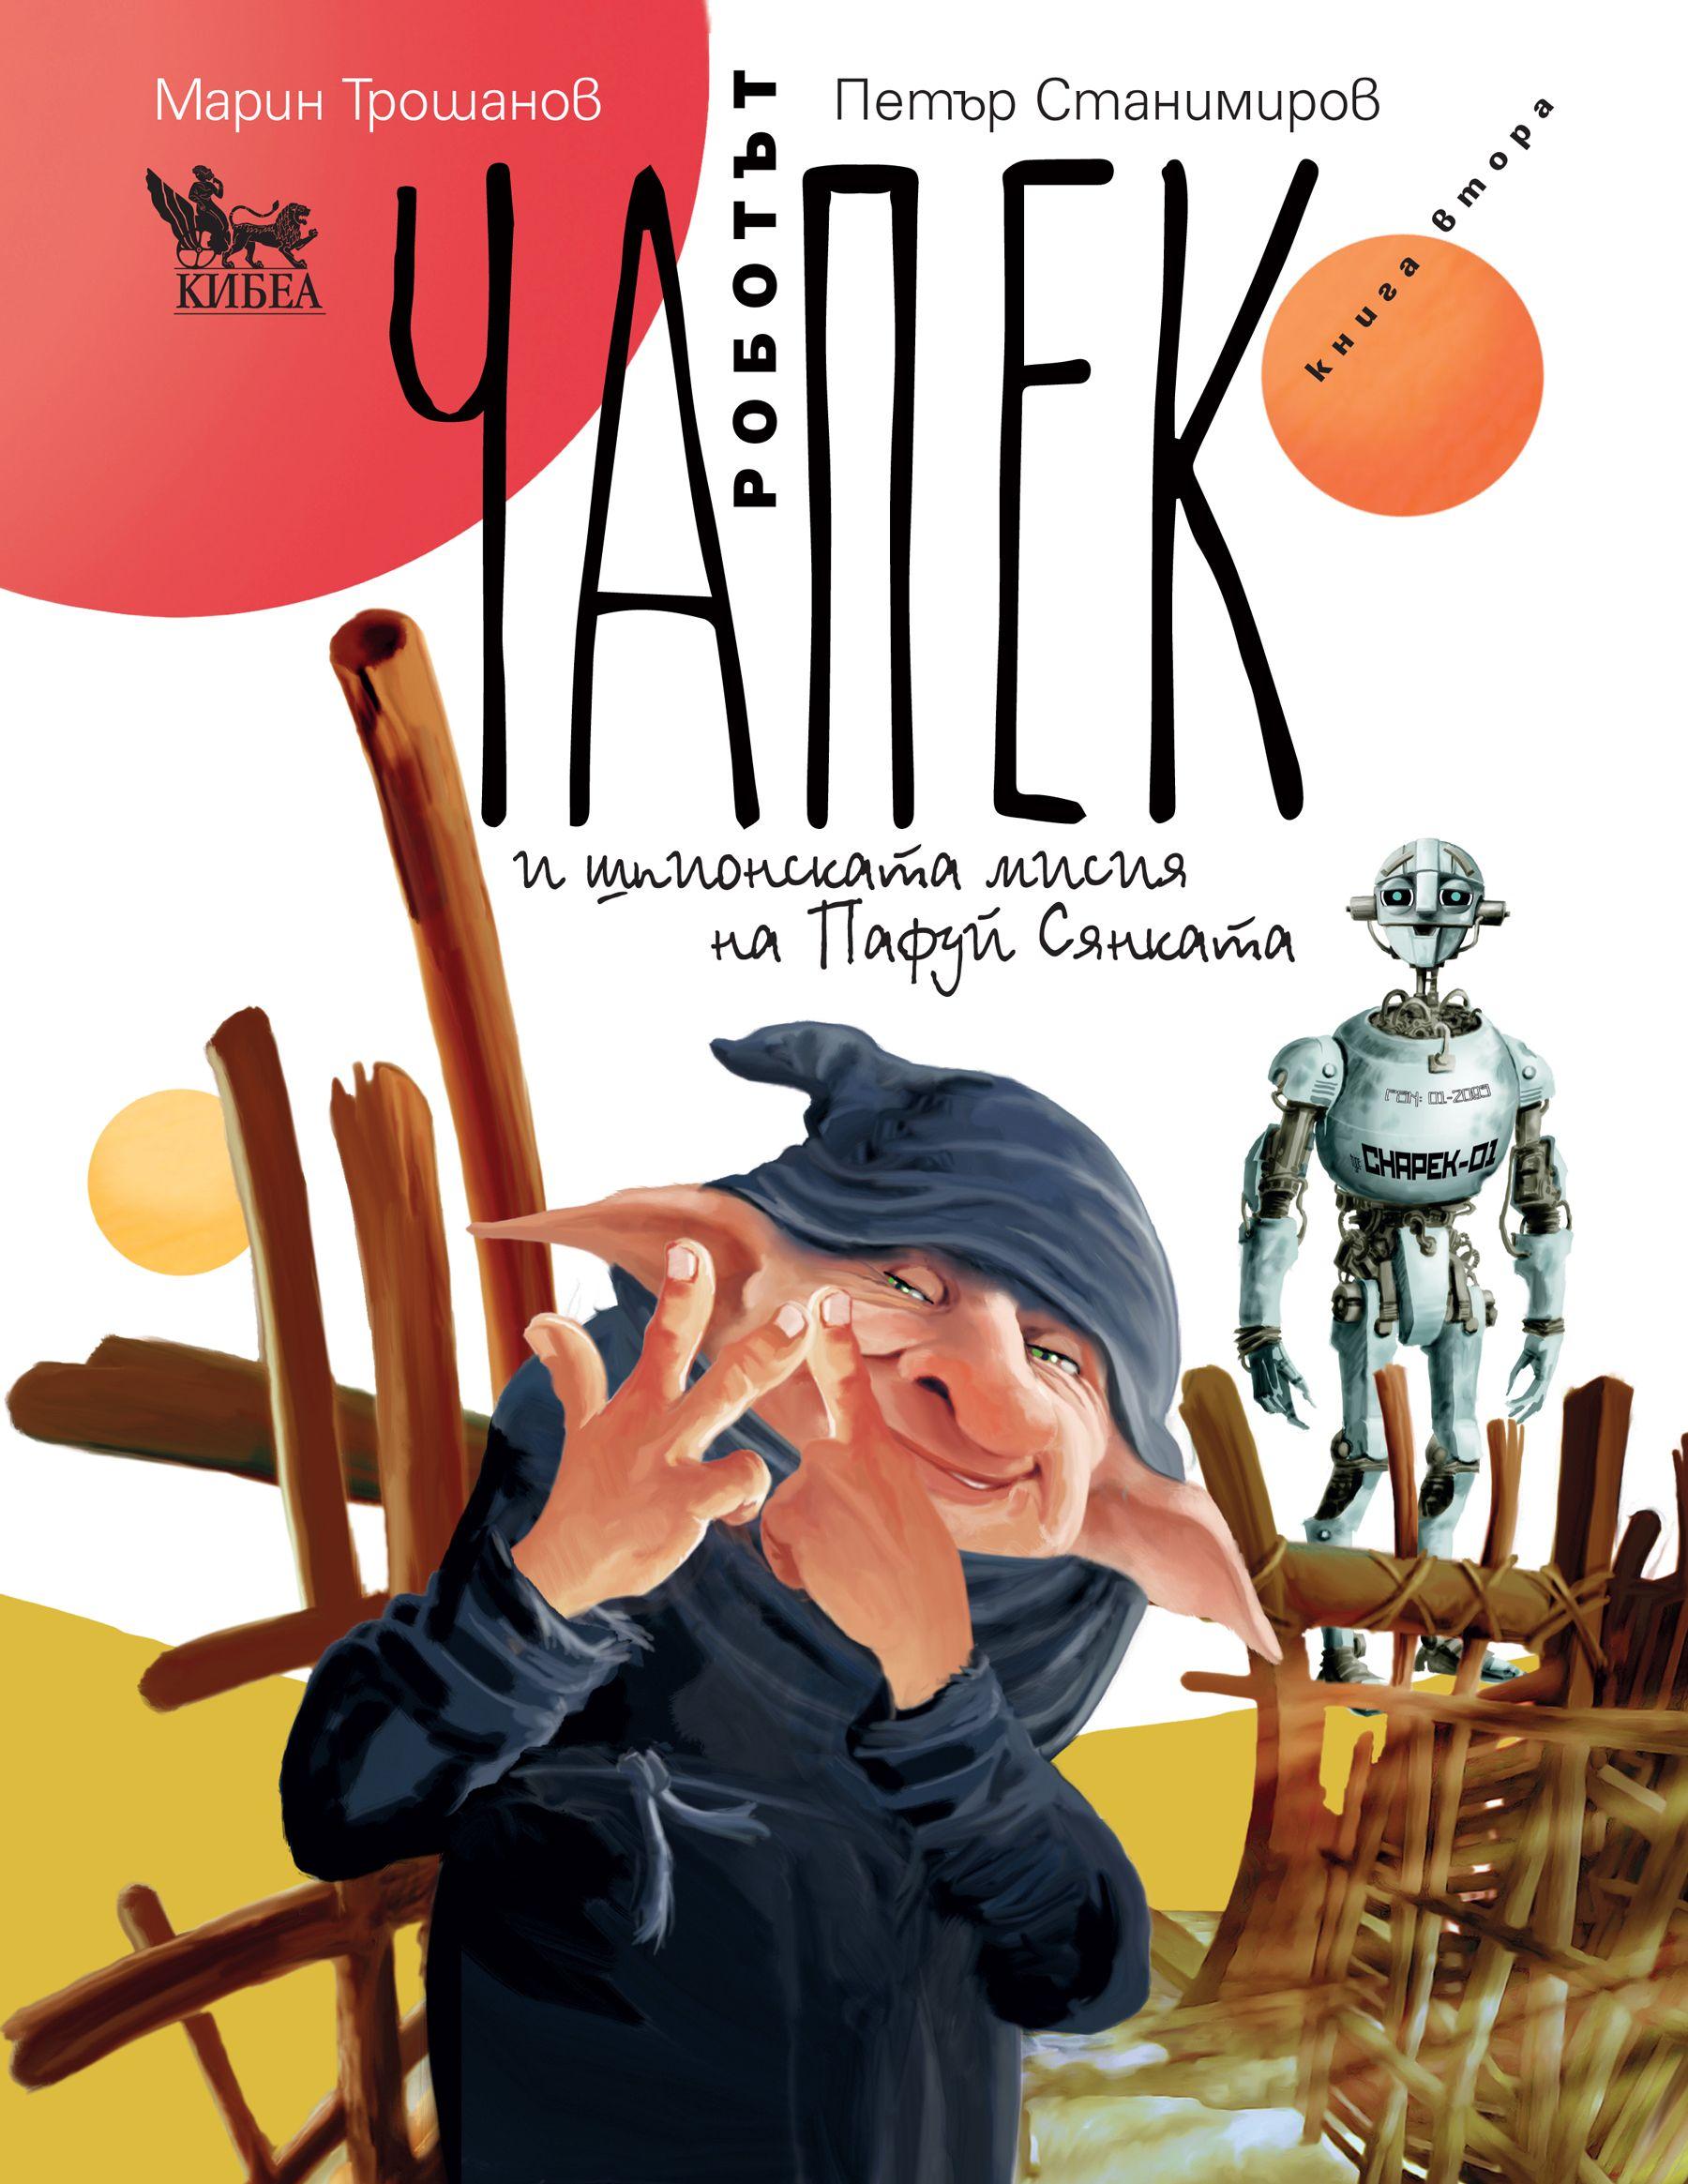 Роботът Чапек и шпионската мисия на Пафуй Сянката – книга 2 - 1